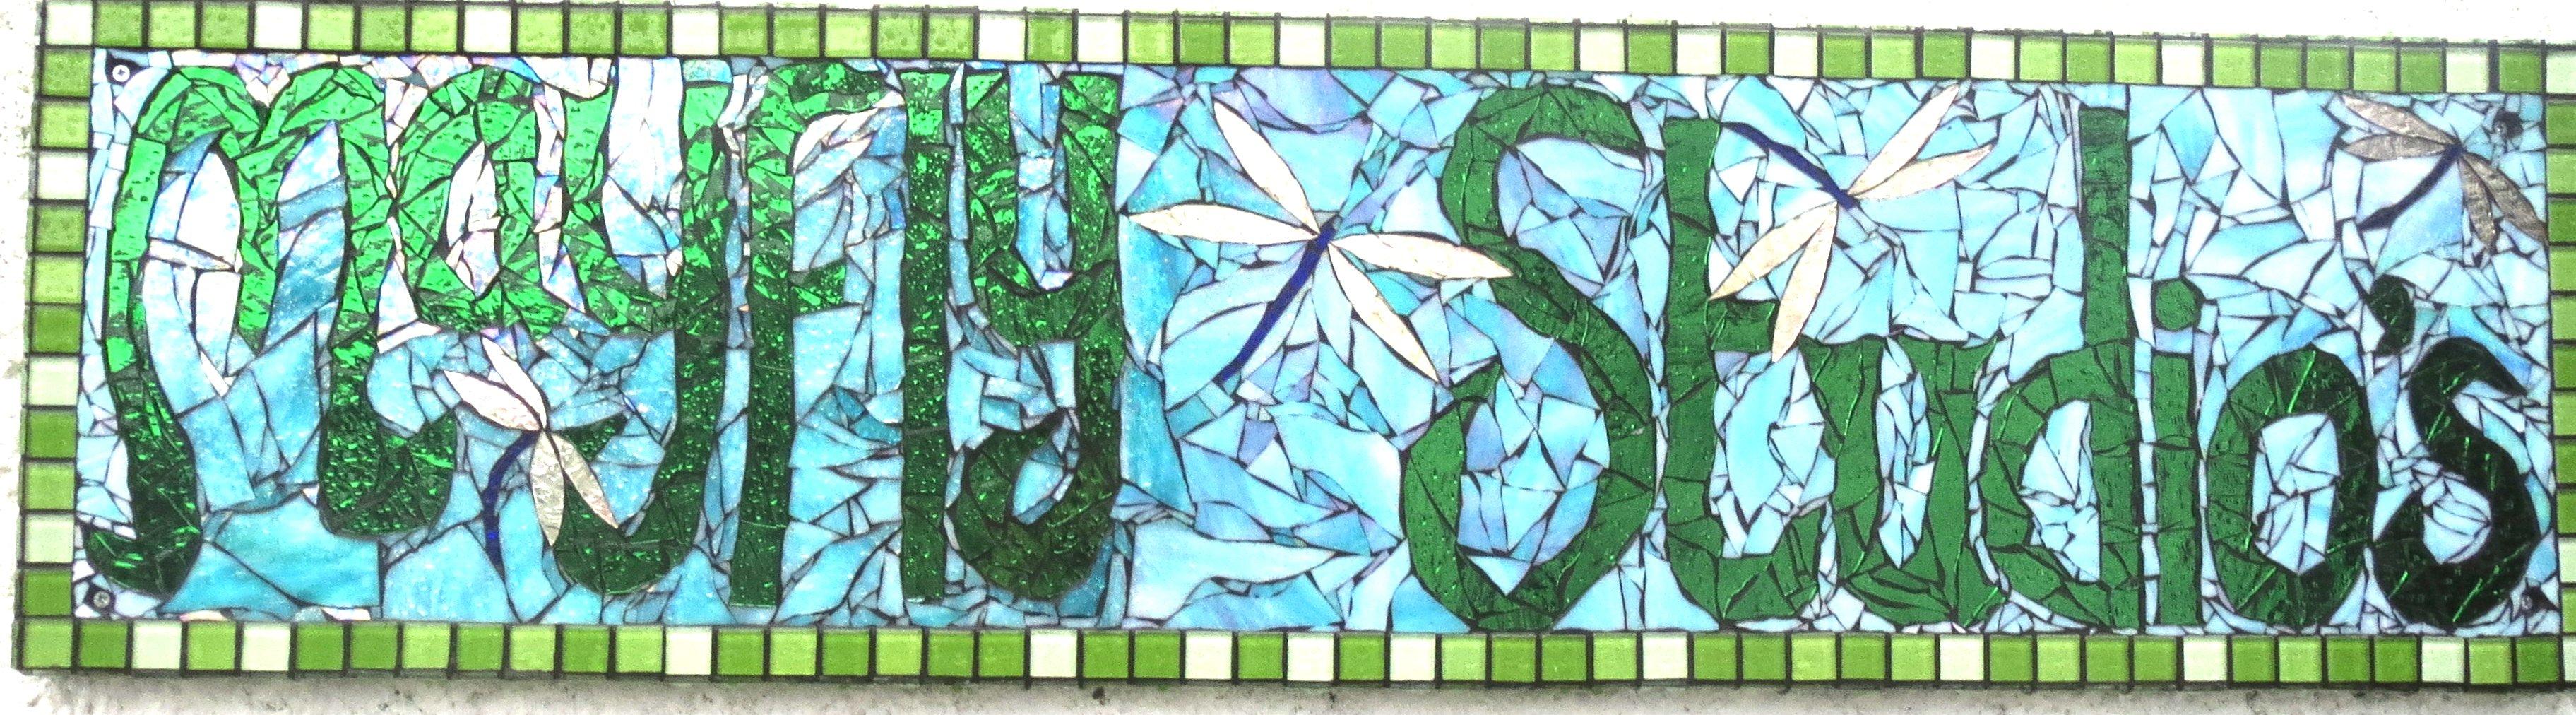 Mayfly Mosaics